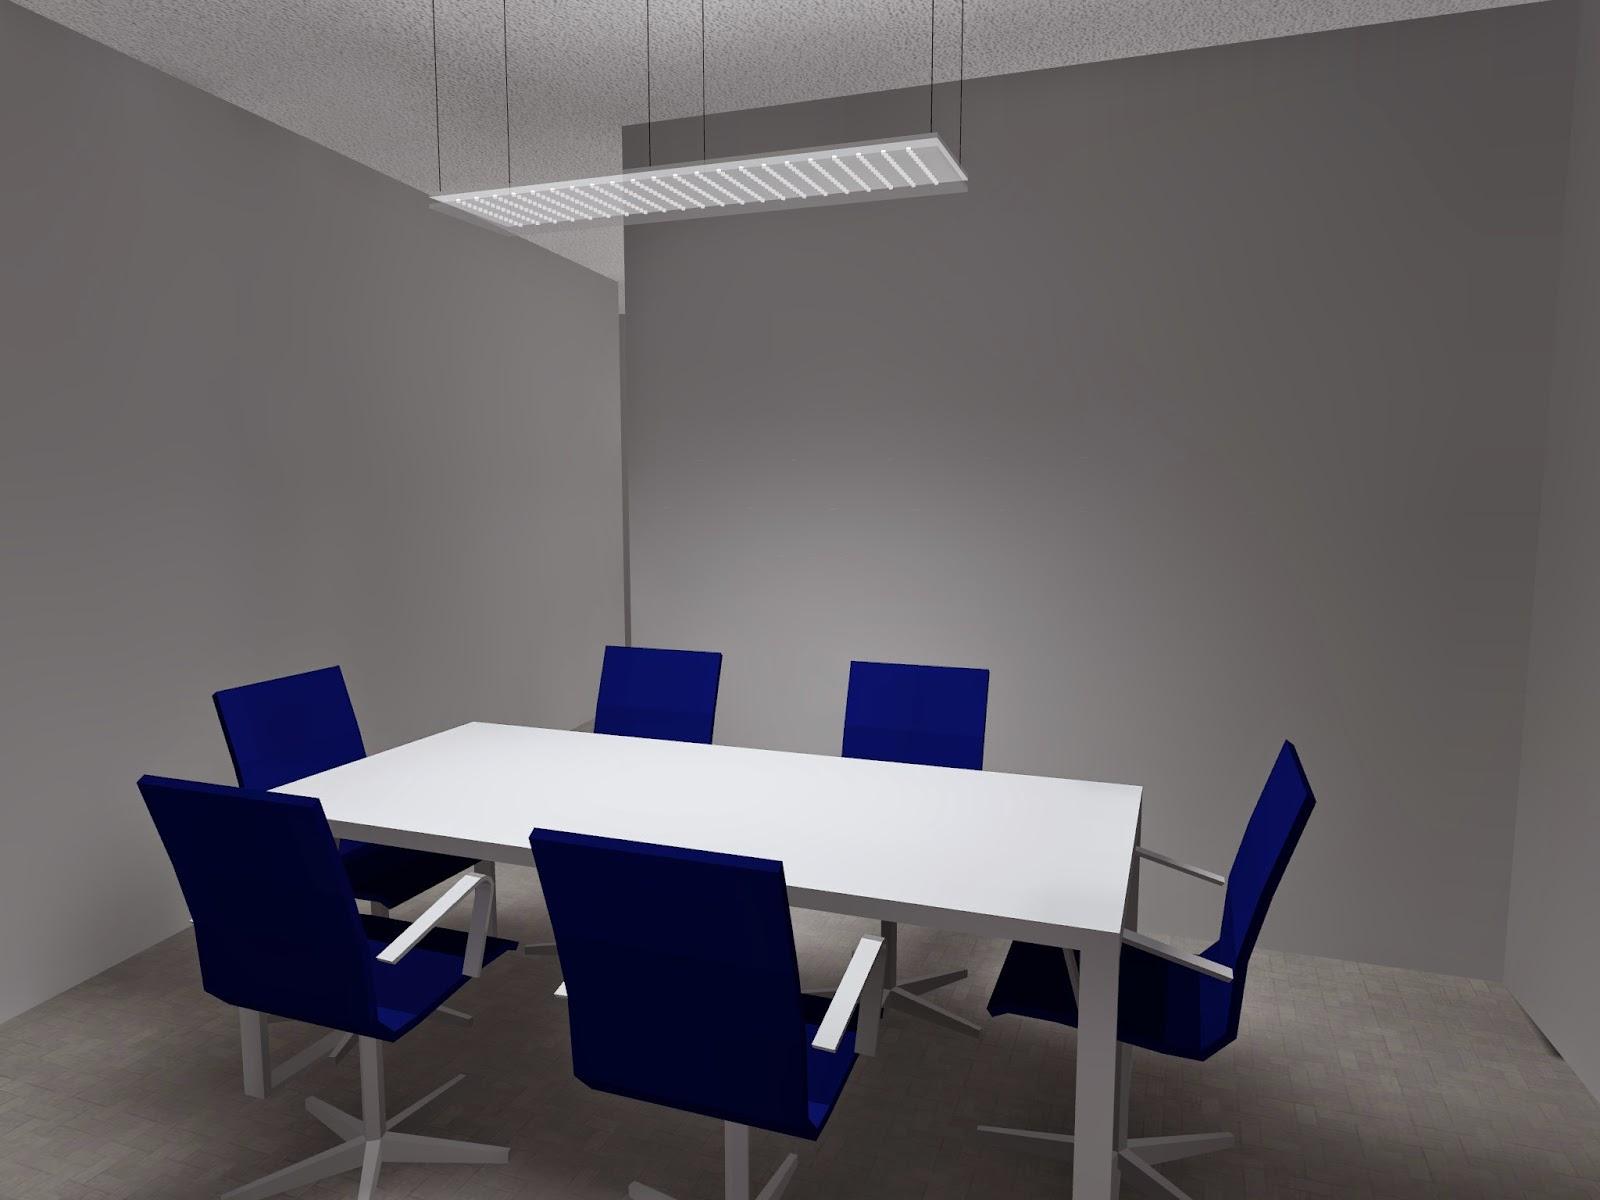 Illuminazione led casa: lelide illuminazione led casa